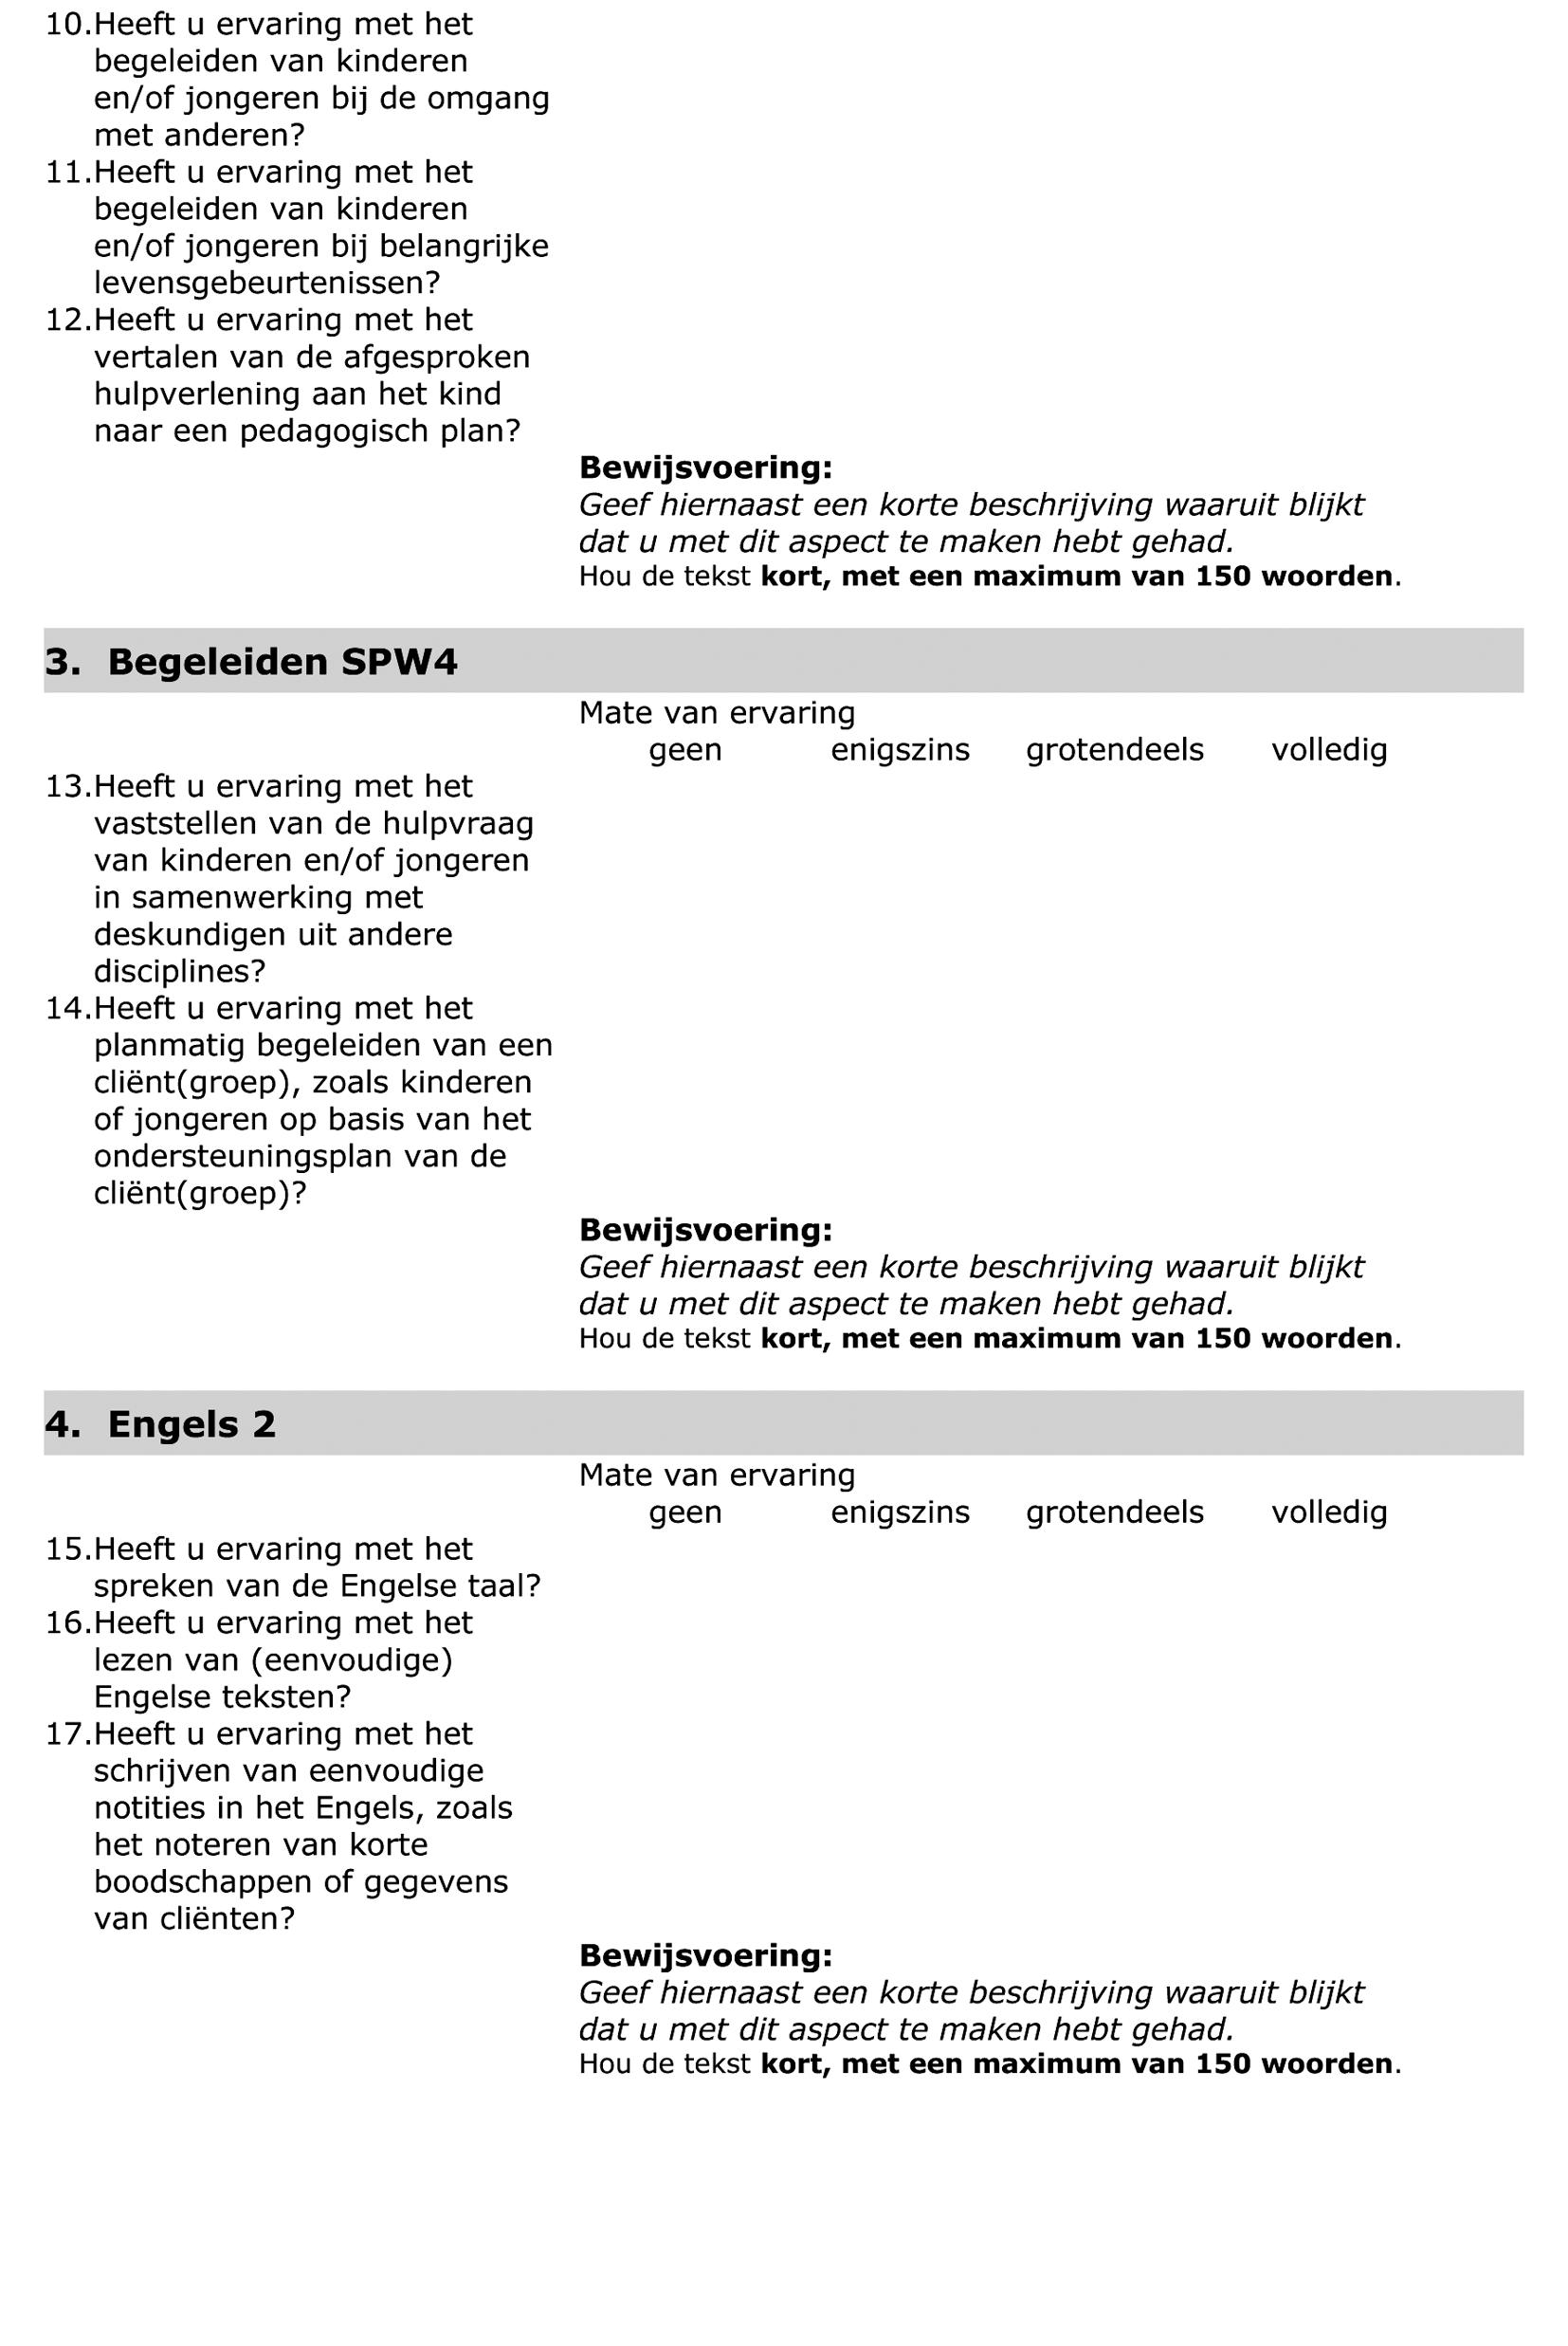 plan van aanpak voorbeeld spw Besluit van de Minister van Sociale Zaken en Werkgelegenheid van 4  plan van aanpak voorbeeld spw